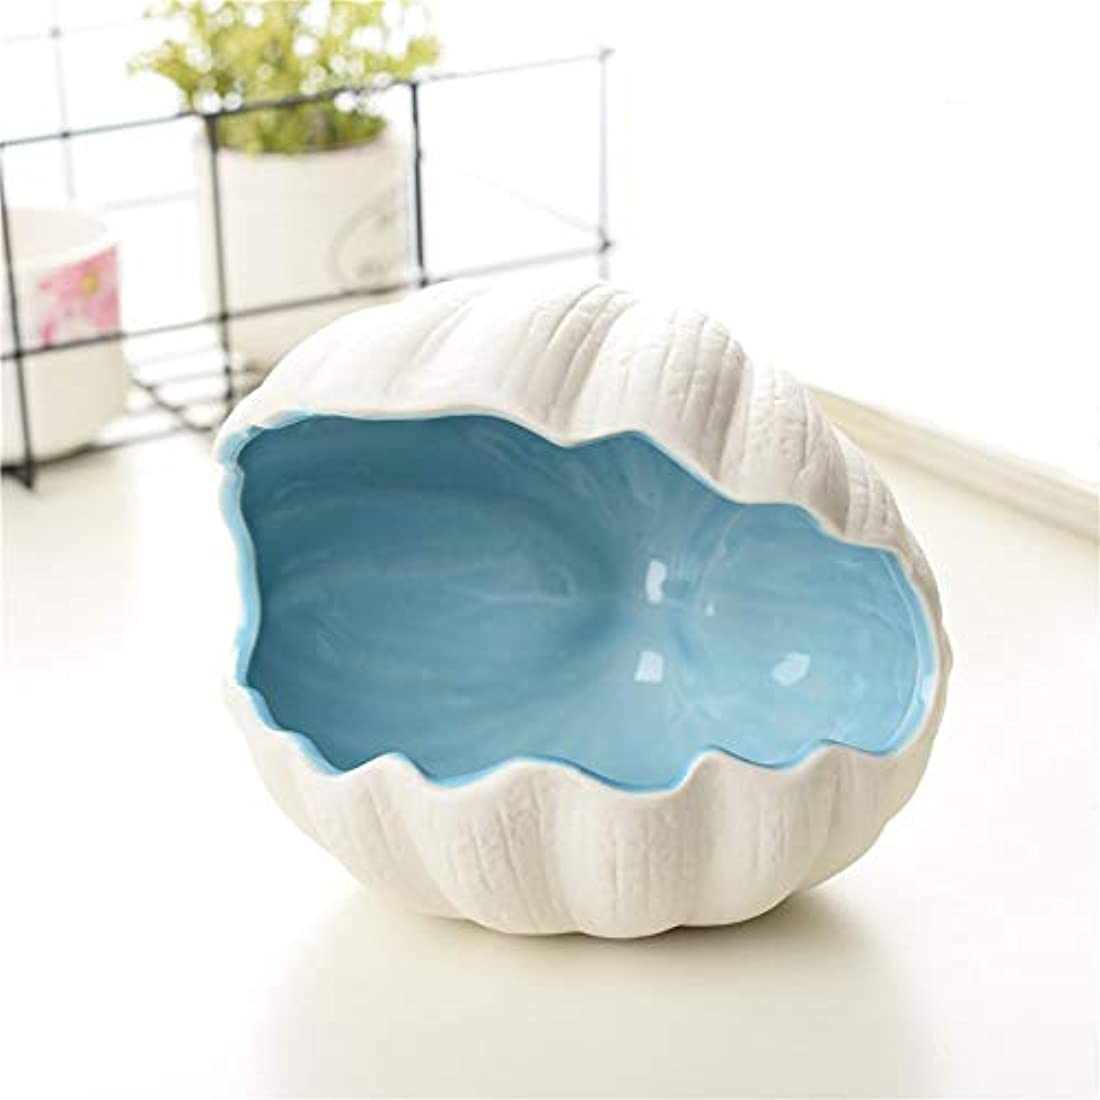 メロディアス余暇育成タバコ、ギフトおよびホームオフィスの装飾のための灰皿セラミックシェル灰皿 (色 : 青)